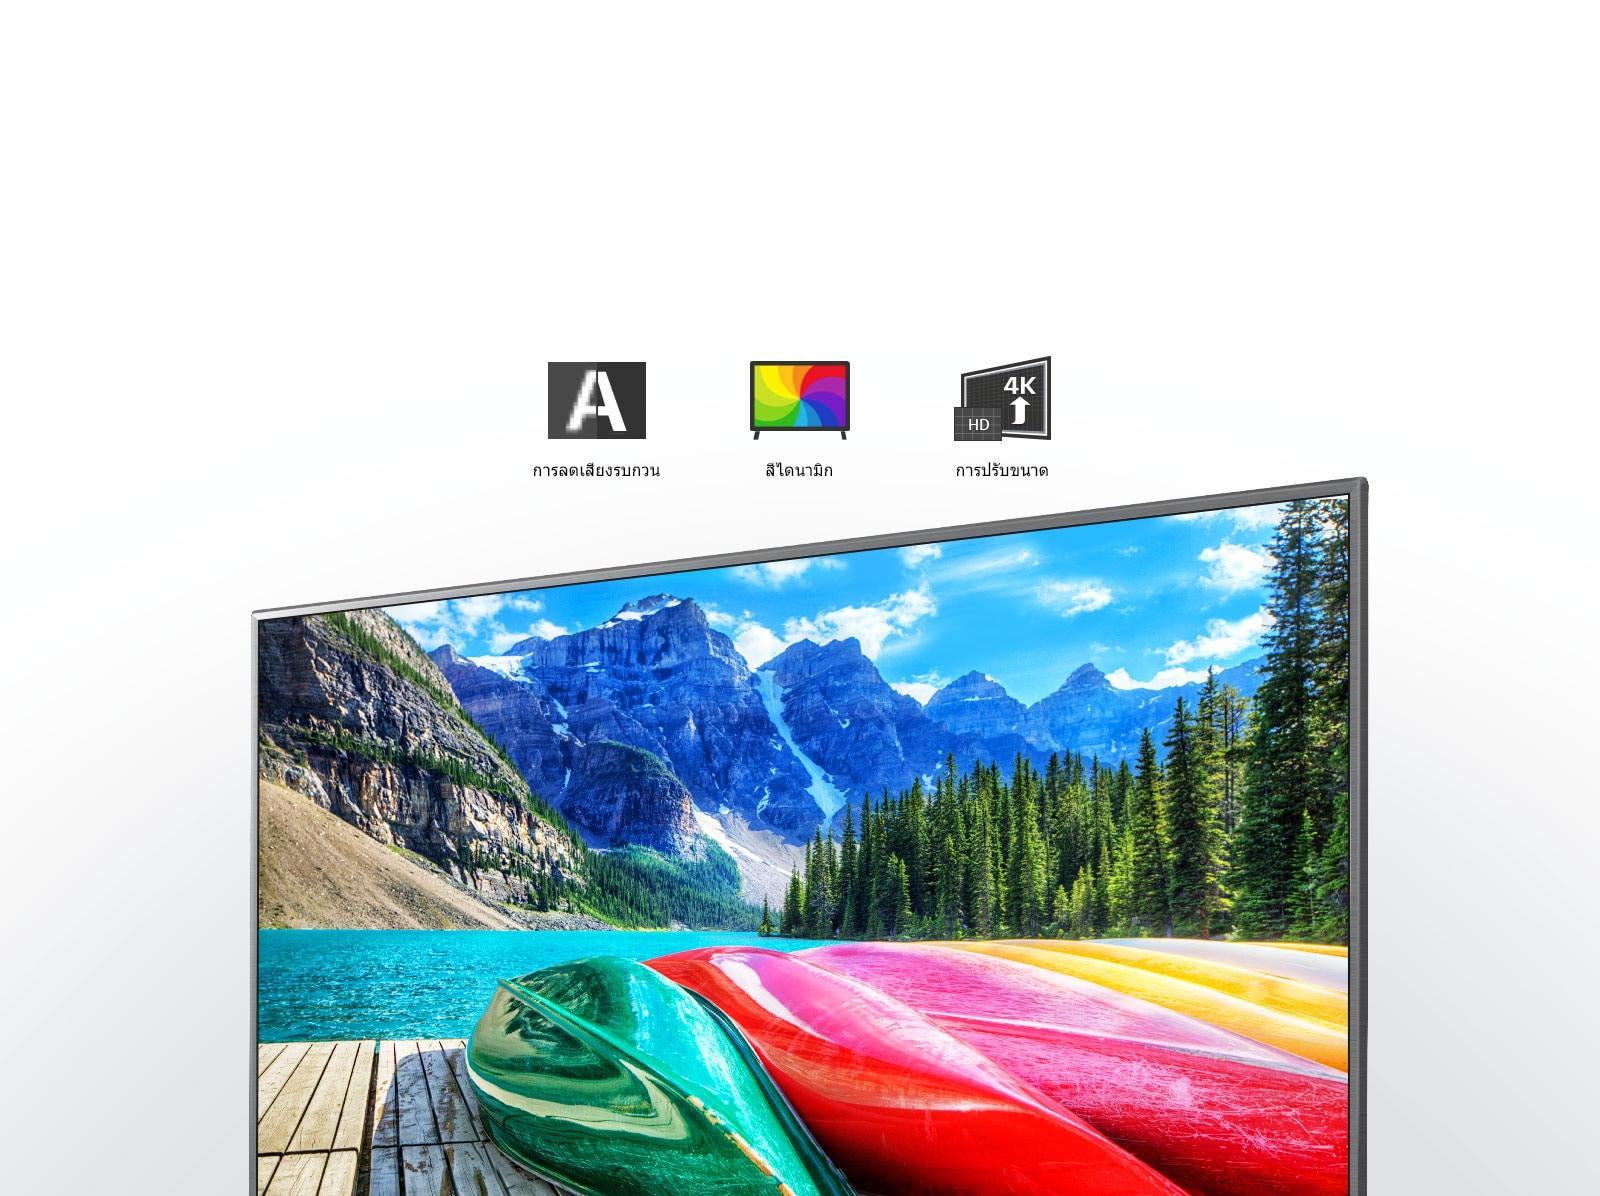 การลดเสียงรบกวน สีไดนามิก และไอคอนปรับขนาด และหน้าจอทีวีที่แสดงรูปภาพทิวทัศน์ของภูเขา ป่า และทะเลสาบ